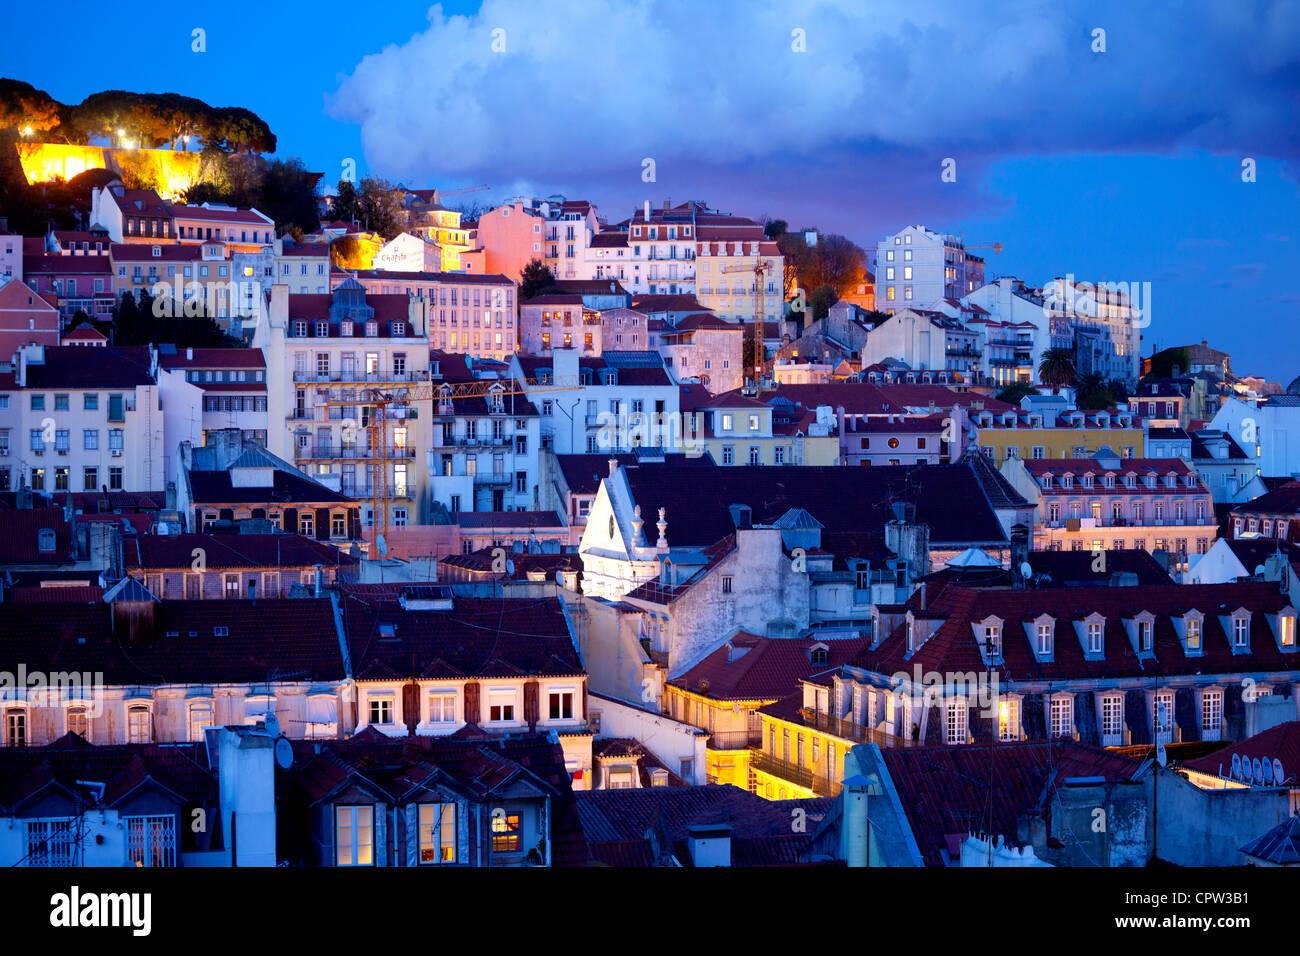 Saint George's Castle e un panorama di Lisbona, Portogallo Immagini Stock